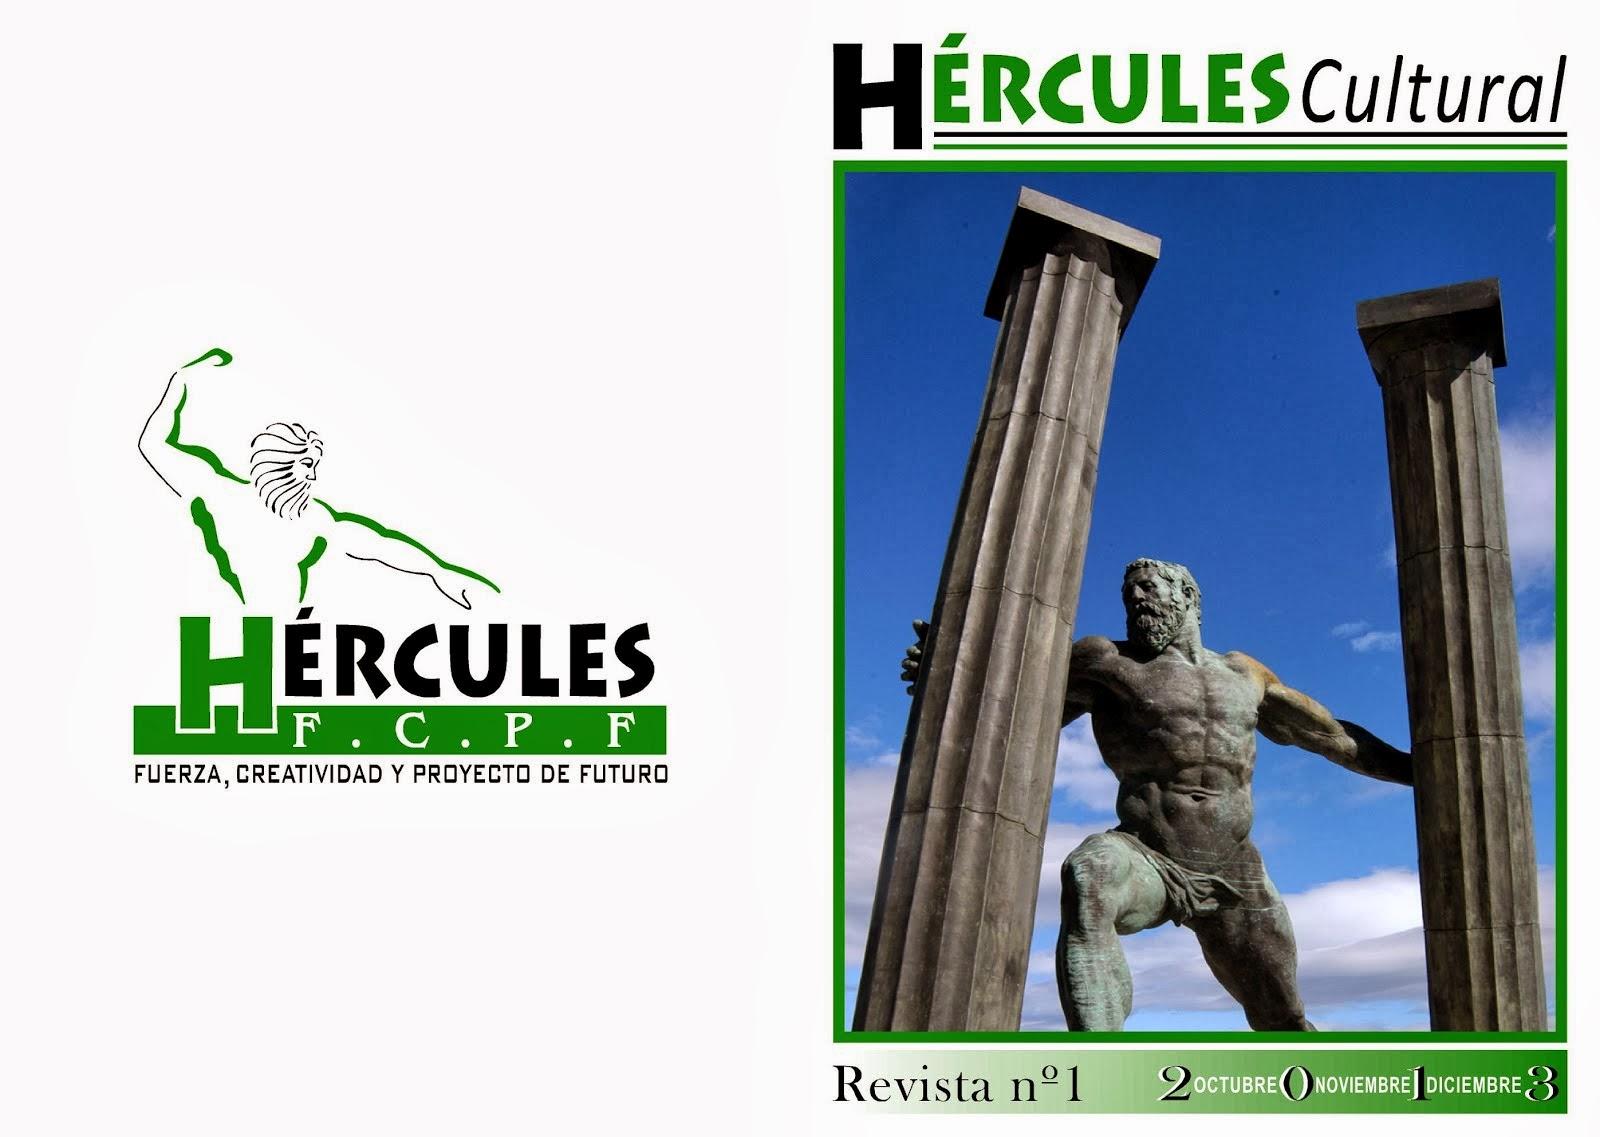 REVISTA HÉRCULES CULTURAL por Nuria Ruiz y Antonia Guerra. Trimestral.